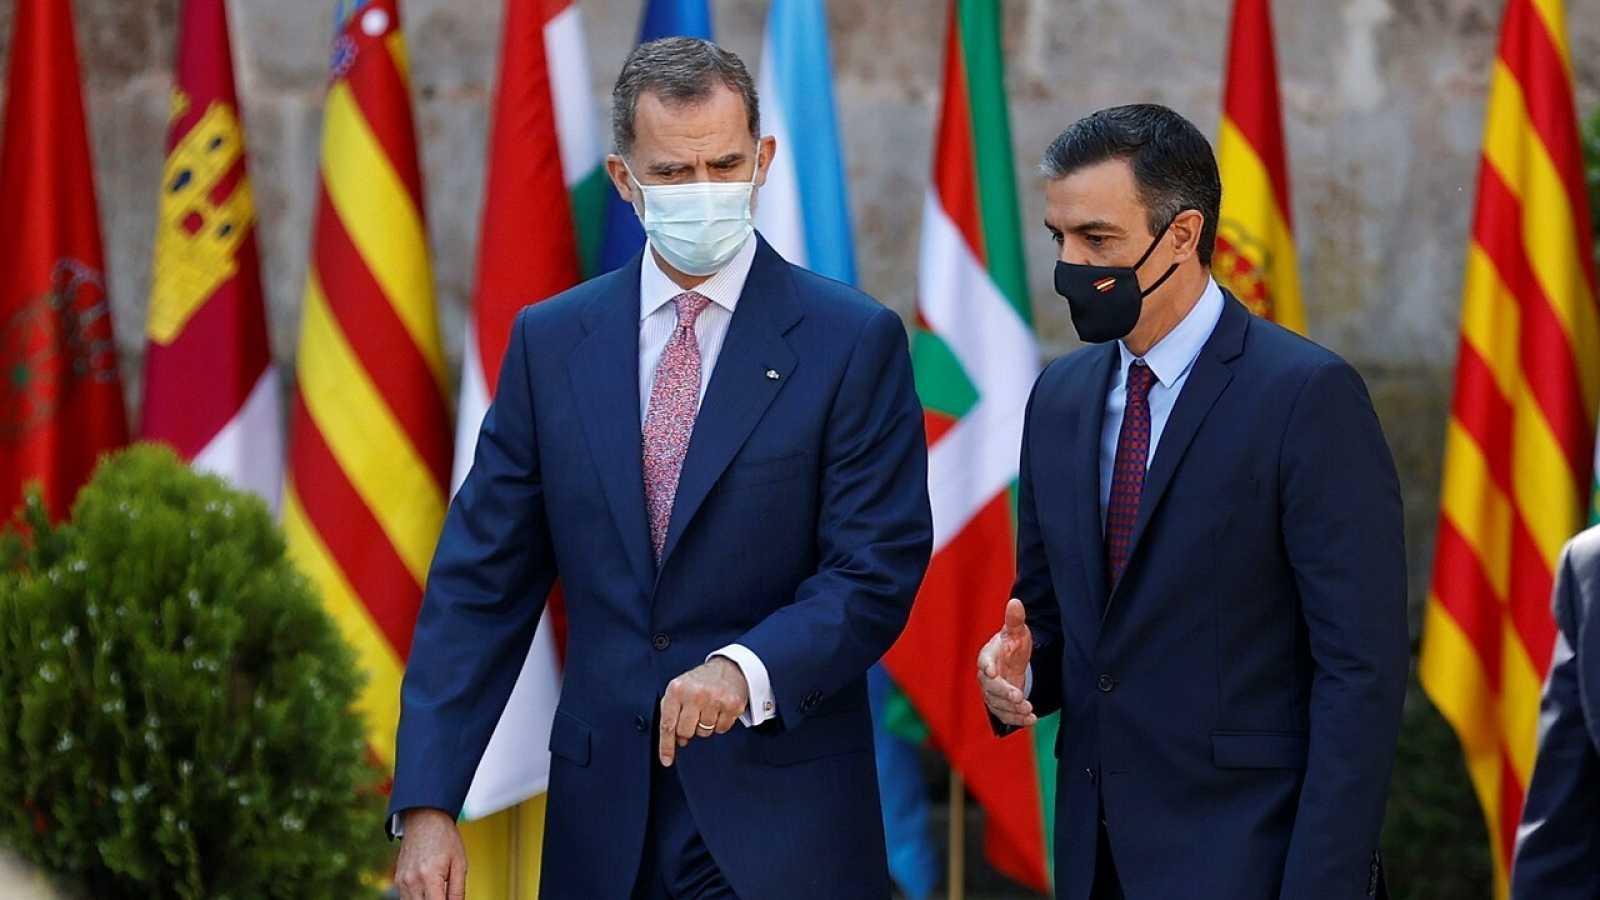 El rey Felipe VI y el presidente del Gobierno, Pedro Sánchez, a su llegada al monasterio de San Millán de Yuso el pasado viernes